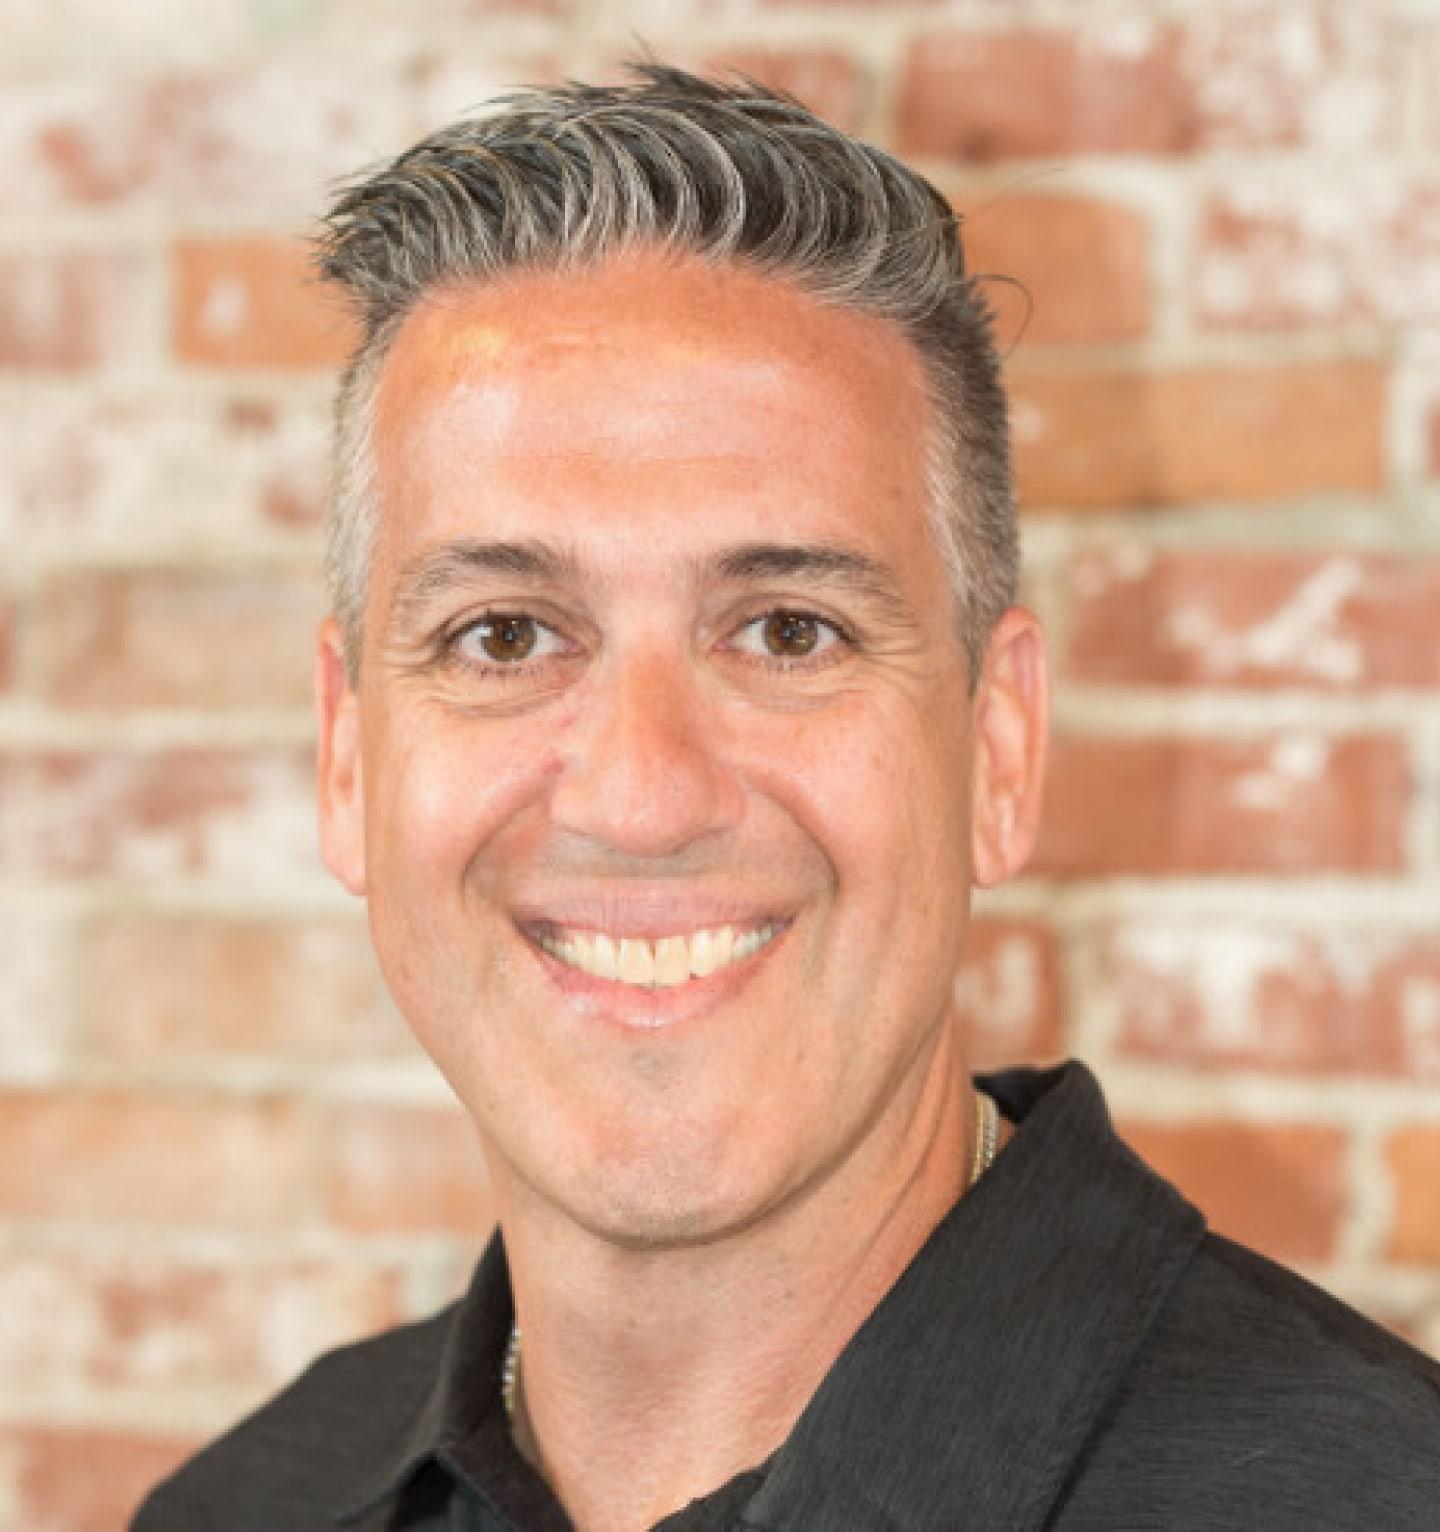 Brian McDonough